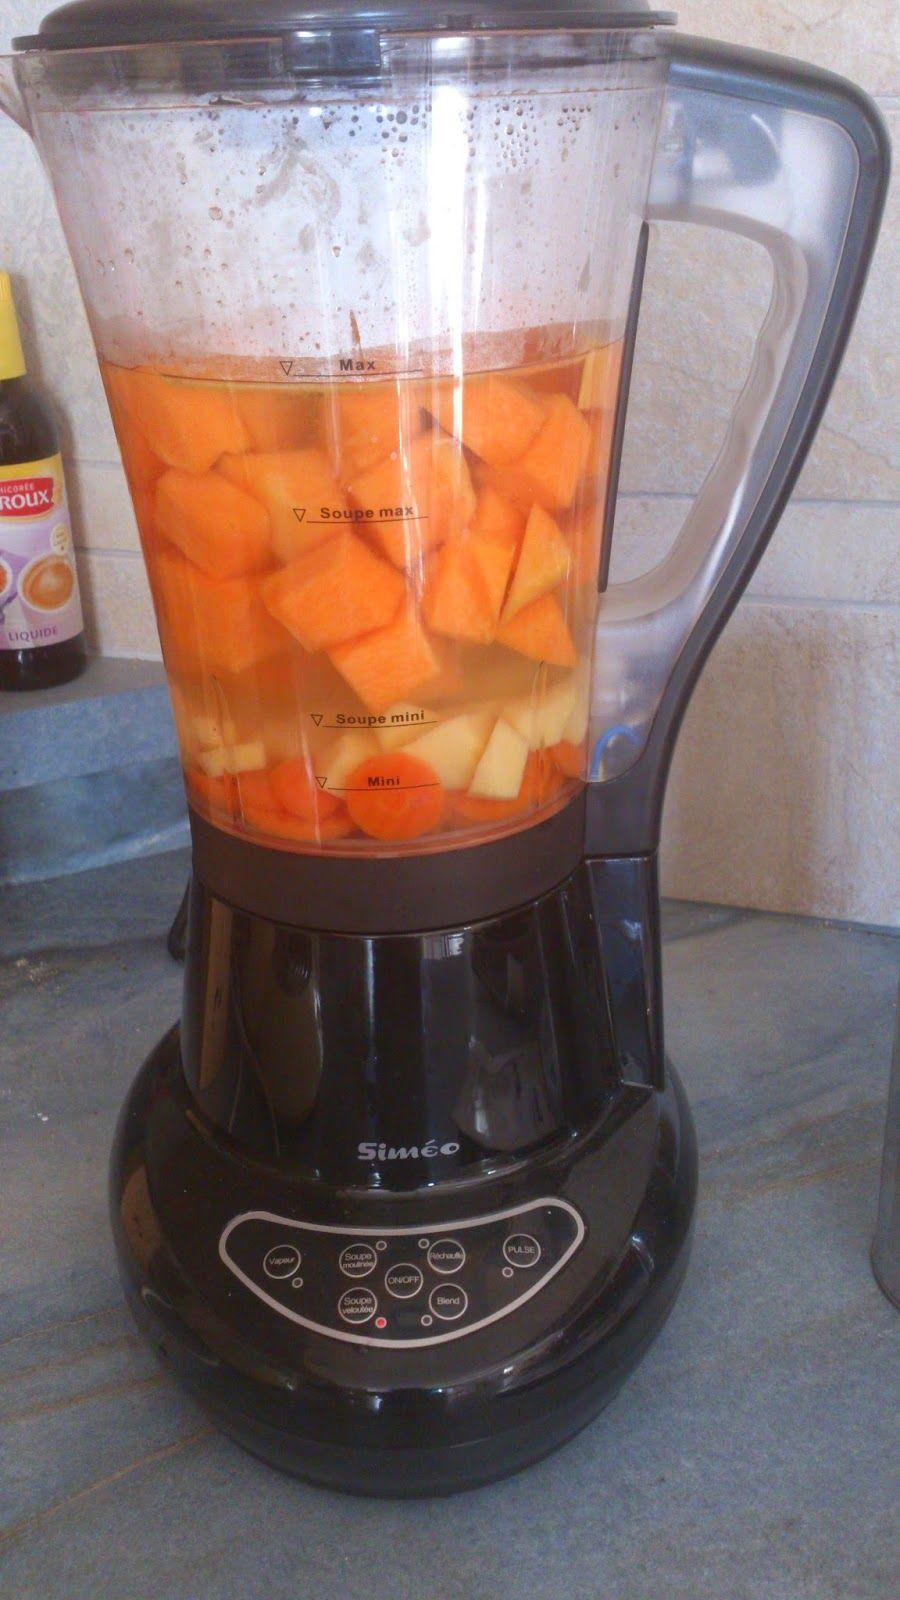 Recette Soupe Blender Chauffant : recette, soupe, blender, chauffant, La-ptite-cuisine-de-Lily:, Véloutés, Légumes, Blender, Chauffant, Simeo., Recettes, Blender,, Chauffant,